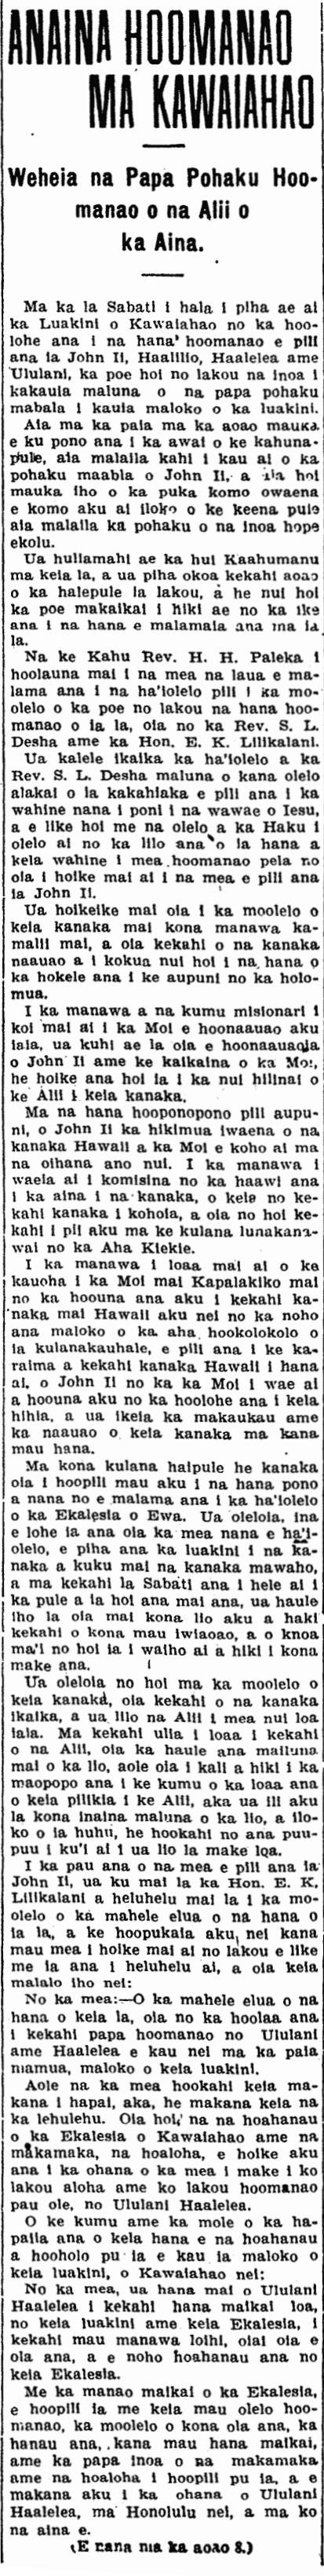 ANAINA HOOMANAO MA KAWAIAHAO